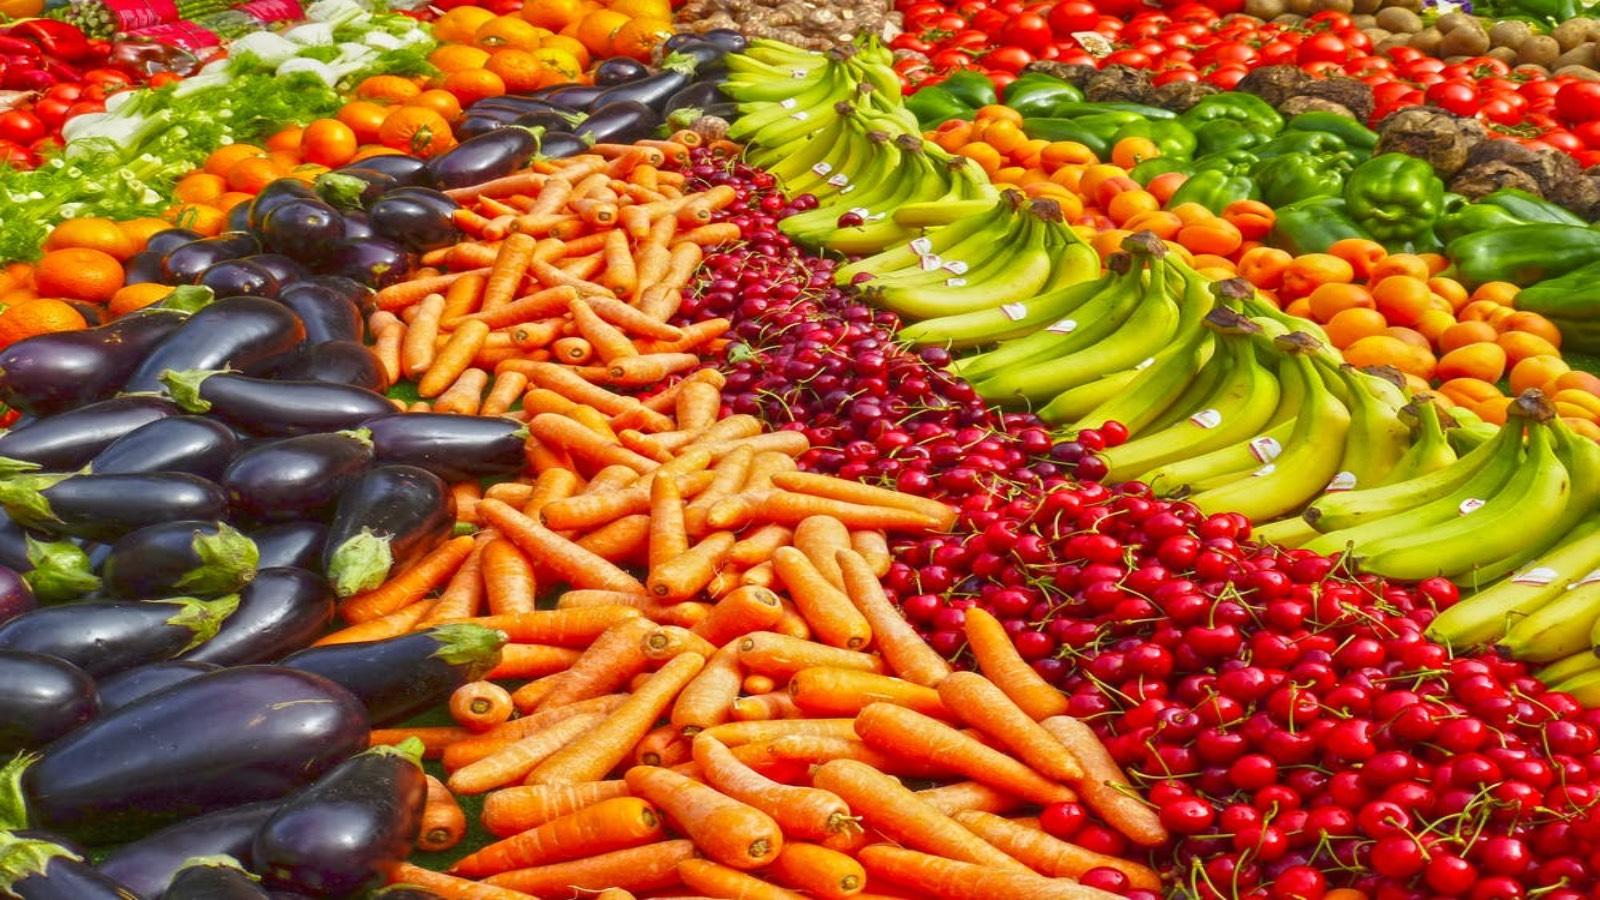 Fruta y verdura de Pexels